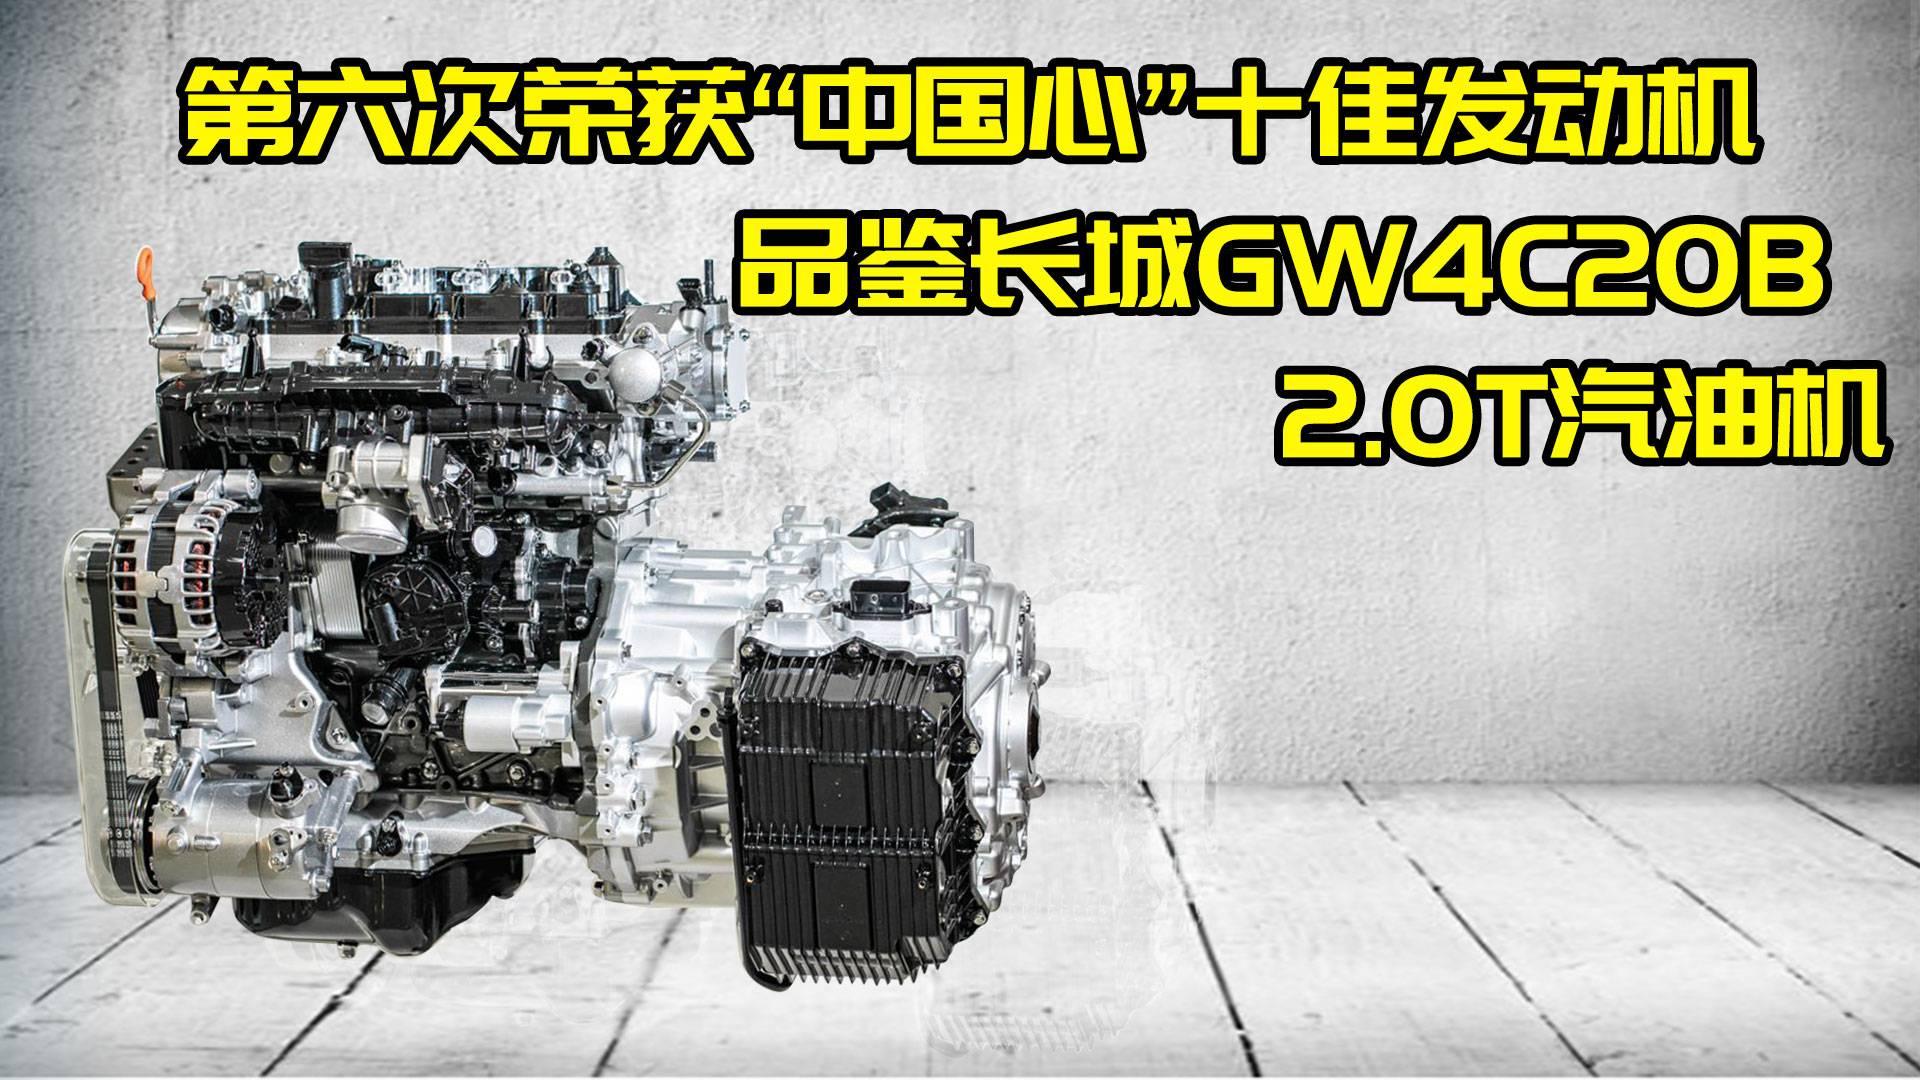 """第六次荣获""""中国心""""十佳发动机  品鉴长城GW4C20B 2.0T汽油机"""